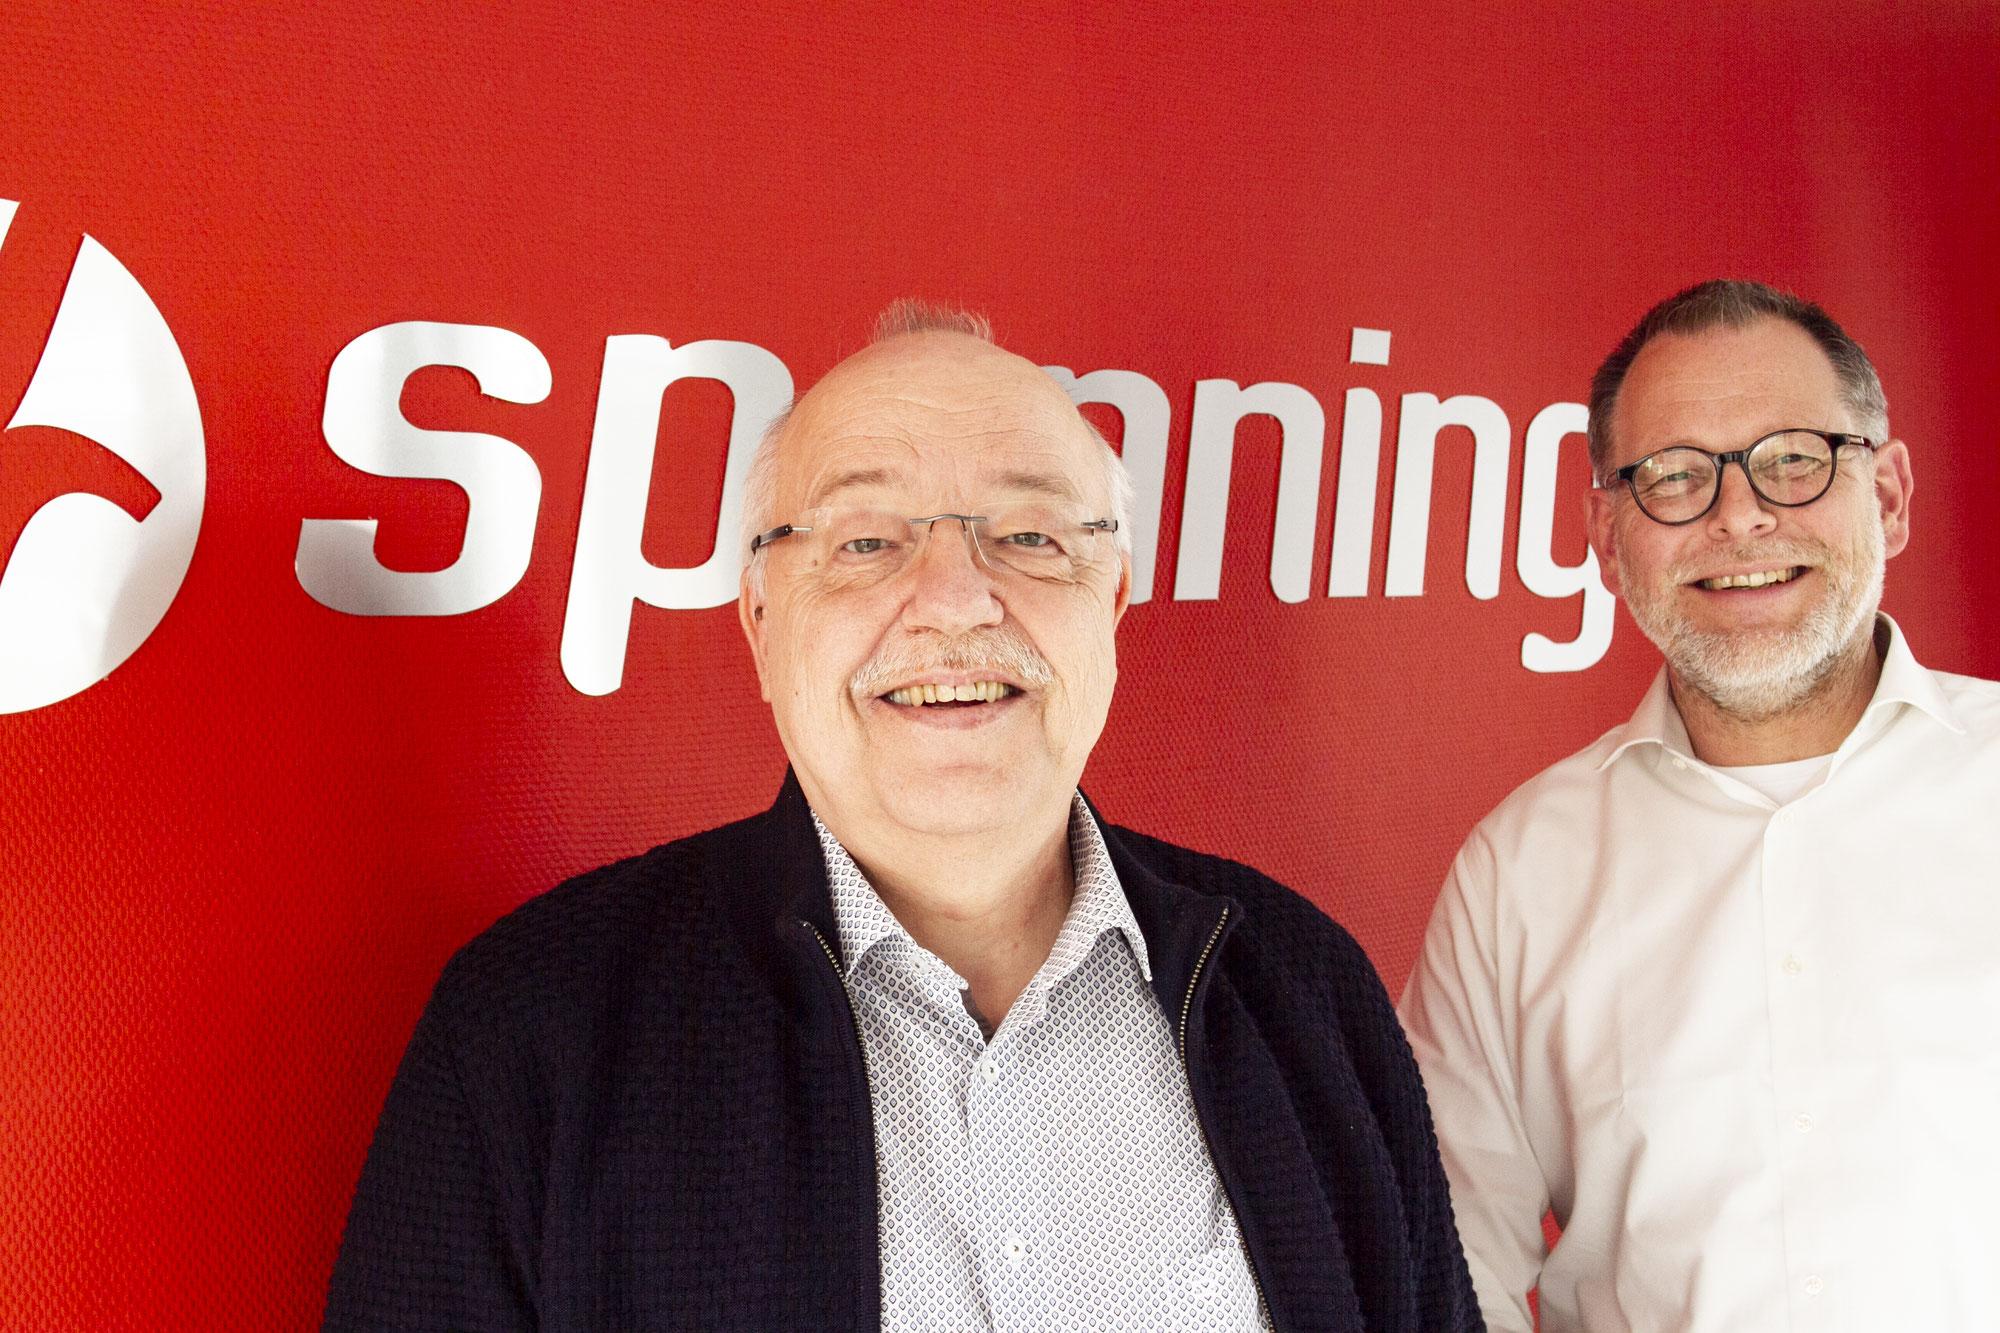 Paul de Haan wird neuer Group Director bei Spanninga